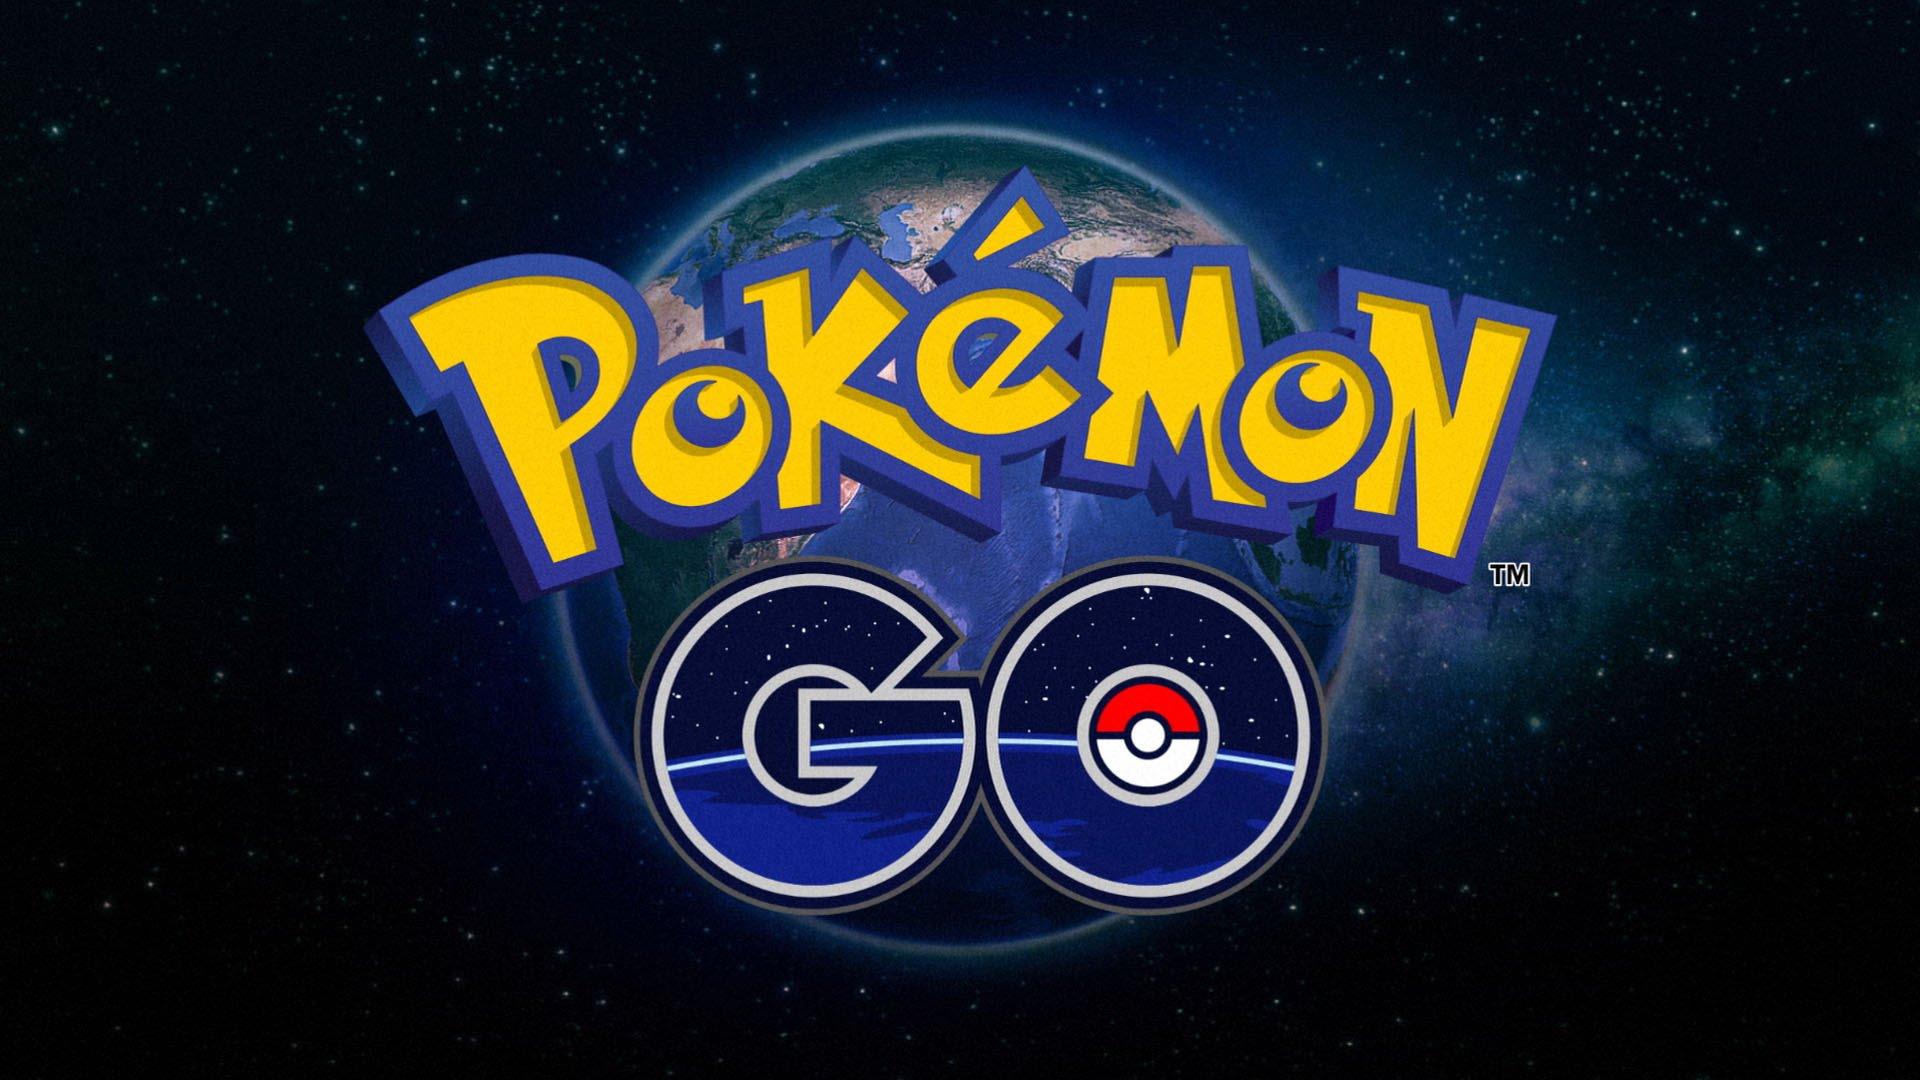 Pokémon Go avrmagazine